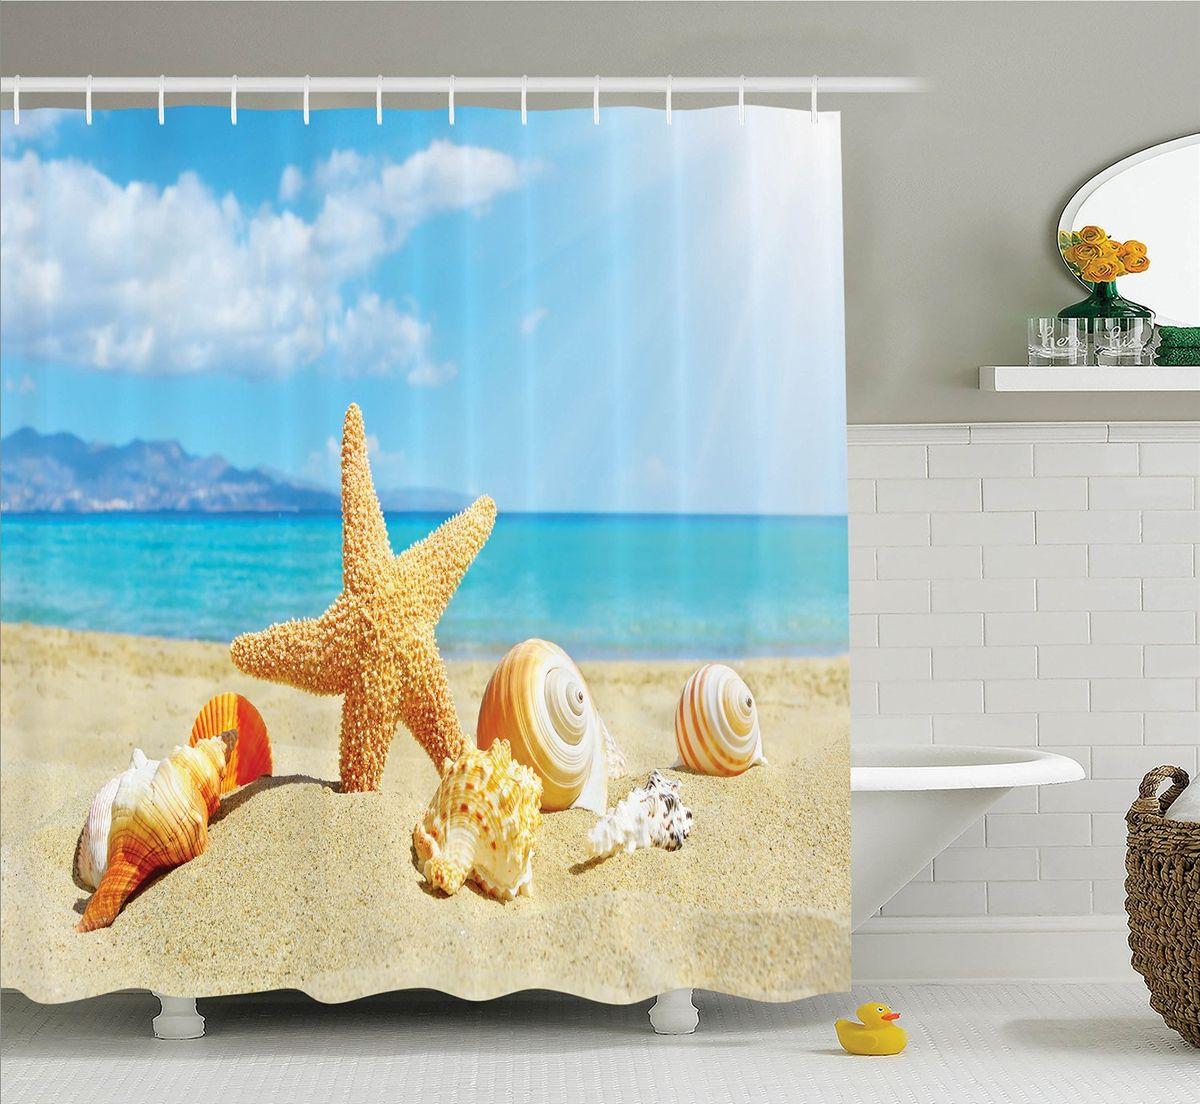 Штора для ванной комнаты Magic Lady Ракушки на пляже, 180 х 200 смUP210DFКомпания Сэмболь изготавливает шторы из высококачественного сатена (полиэстер 100%). При изготовлении используются специальные гипоаллергенные чернила для прямой печати по ткани, безопасные для человека и животных. Экологичность продукции Magic lady и безопасность для окружающей среды подтверждены сертификатом Oeko-Tex Standard 100. Крепление: крючки (12 шт.). Внимание! При нанесении сублимационной печати на ткань технологическим методом при температуре 240 С, возможно отклонение полученных размеров, указанных на этикетке и сайте, от стандартных на + - 3-5 см. Мы стараемся максимально точно передать цвета изделия на наших фотографиях, однако искажения неизбежны и фактический цвет изделия может отличаться от воспринимаемого по фото. Обратите внимание! Шторы изготовлены из полиэстра сатенового переплетения, а не из сатина (хлопок). Размер шторы 180*200 см. В комплекте 1 штора и 12 крючков.